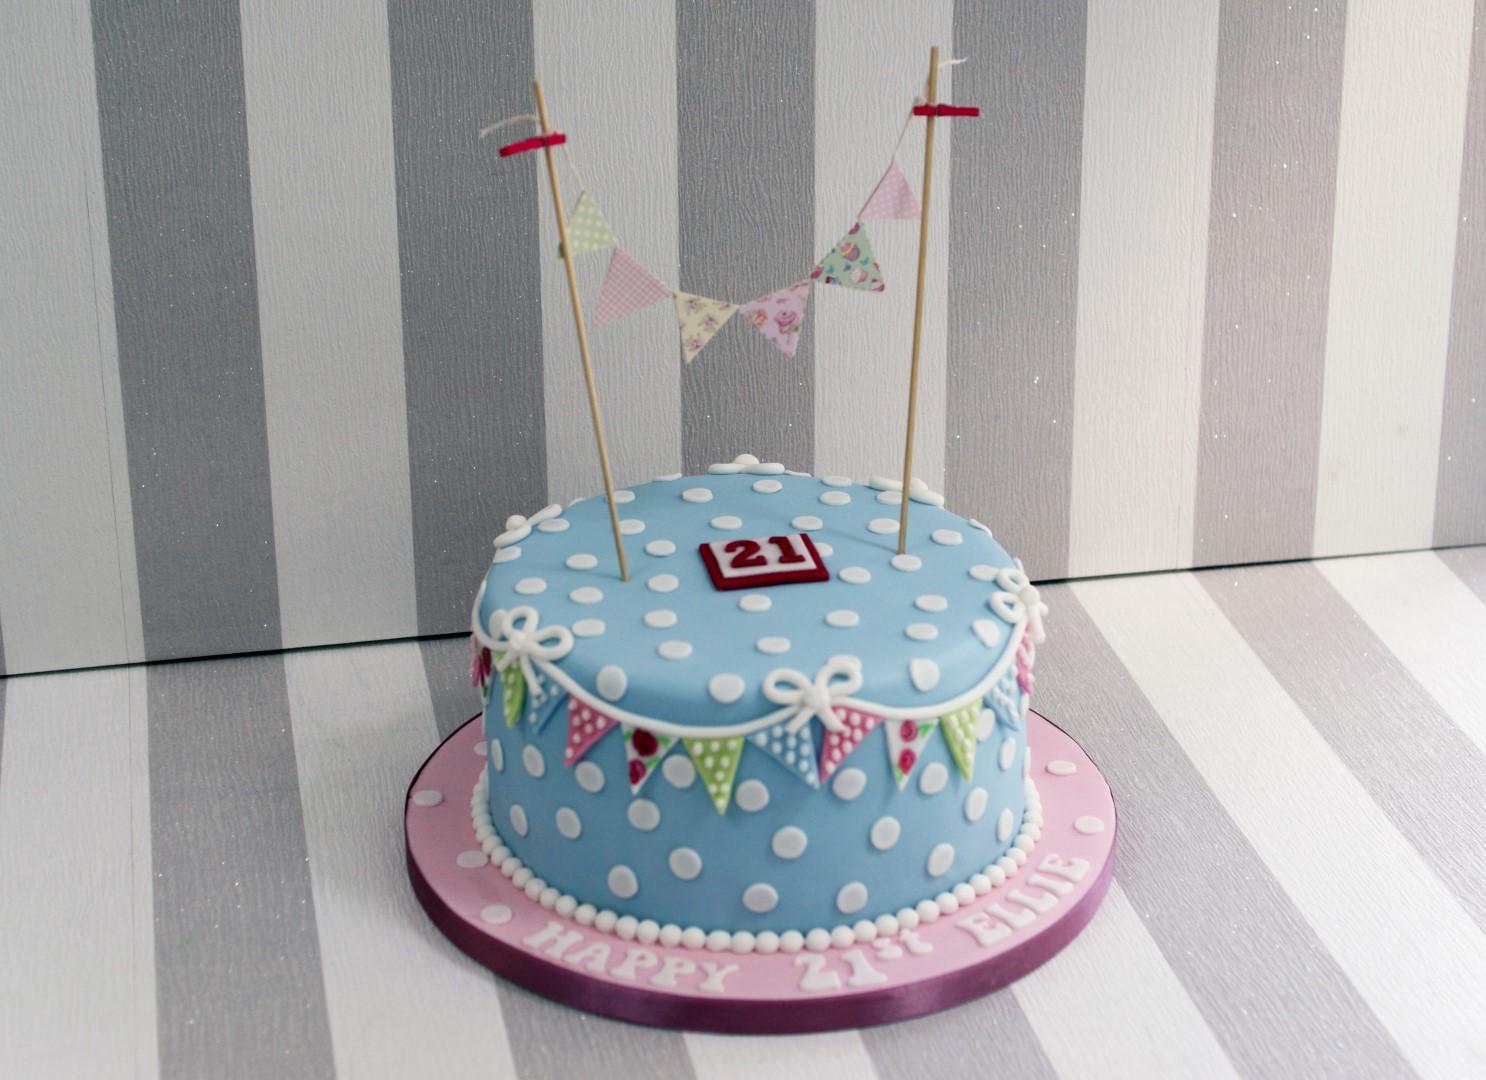 Cath Kidston Style 21st Birthday Cake Bakealous